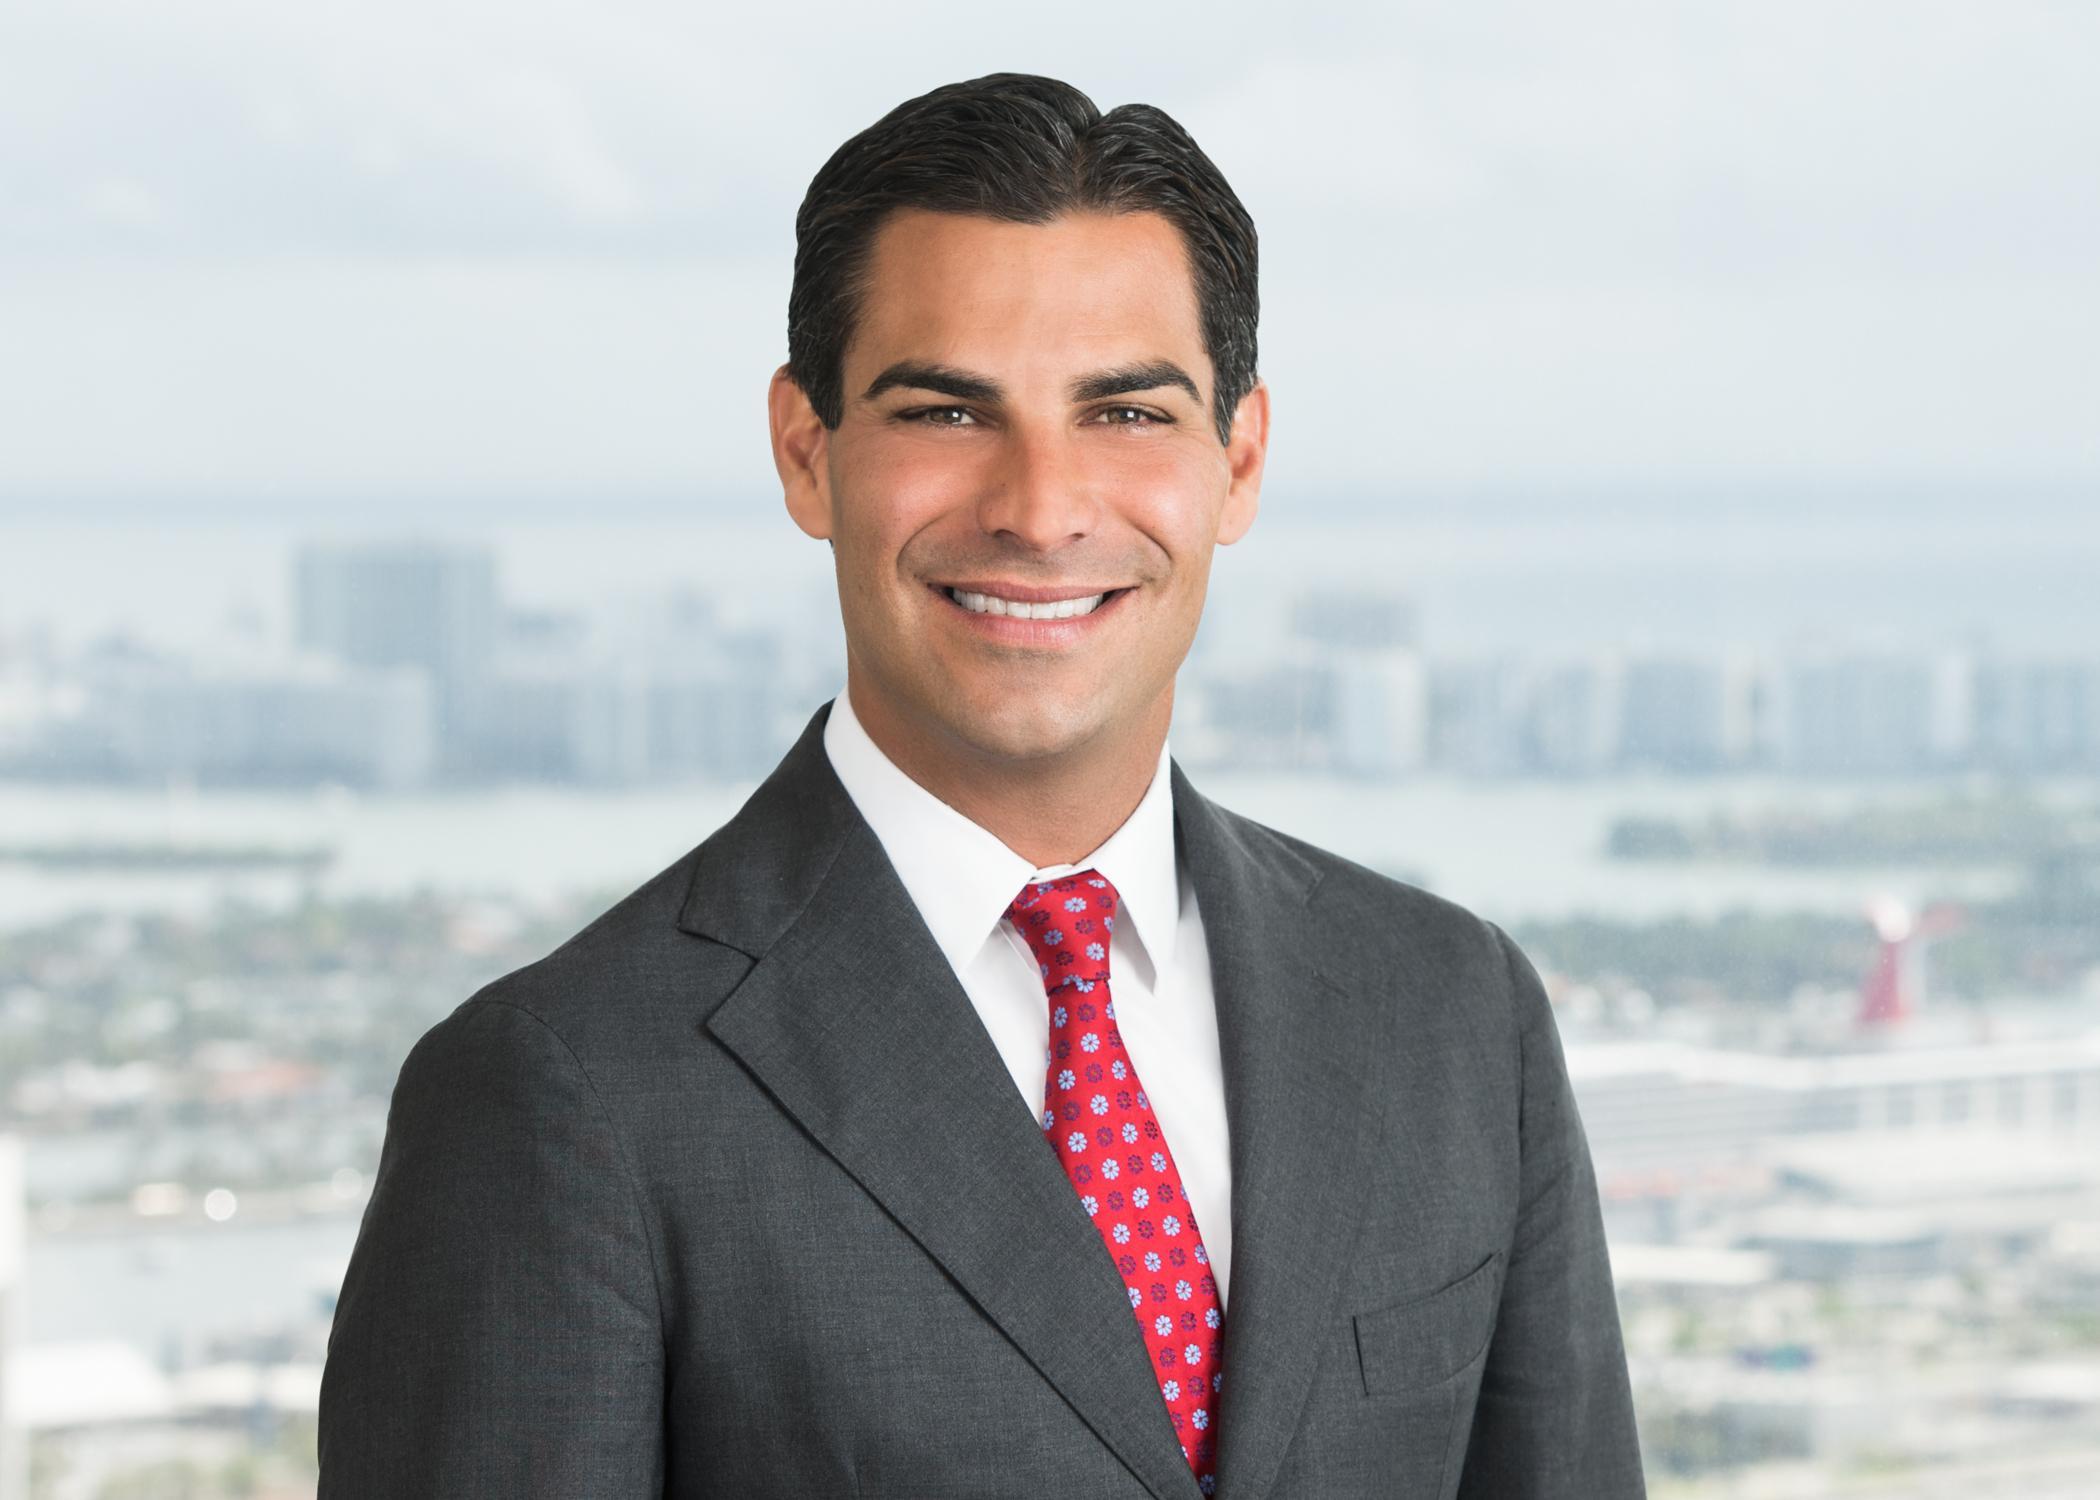 Suarez Francis - El alcalde de Miami lanza una cuenta oficial de Twitter